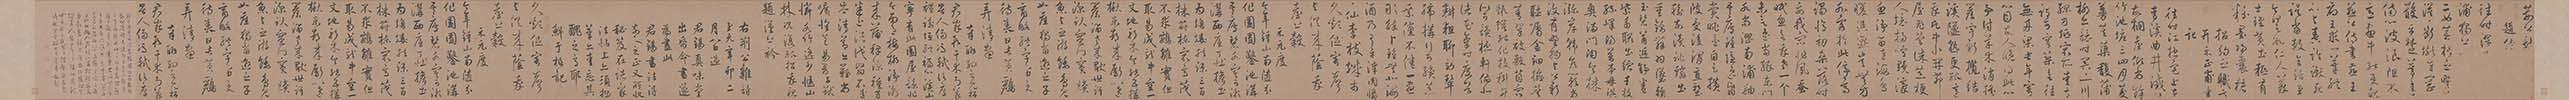 元 鲜于枢 行草书王安石杂诗卷(全卷)50x1025辽博